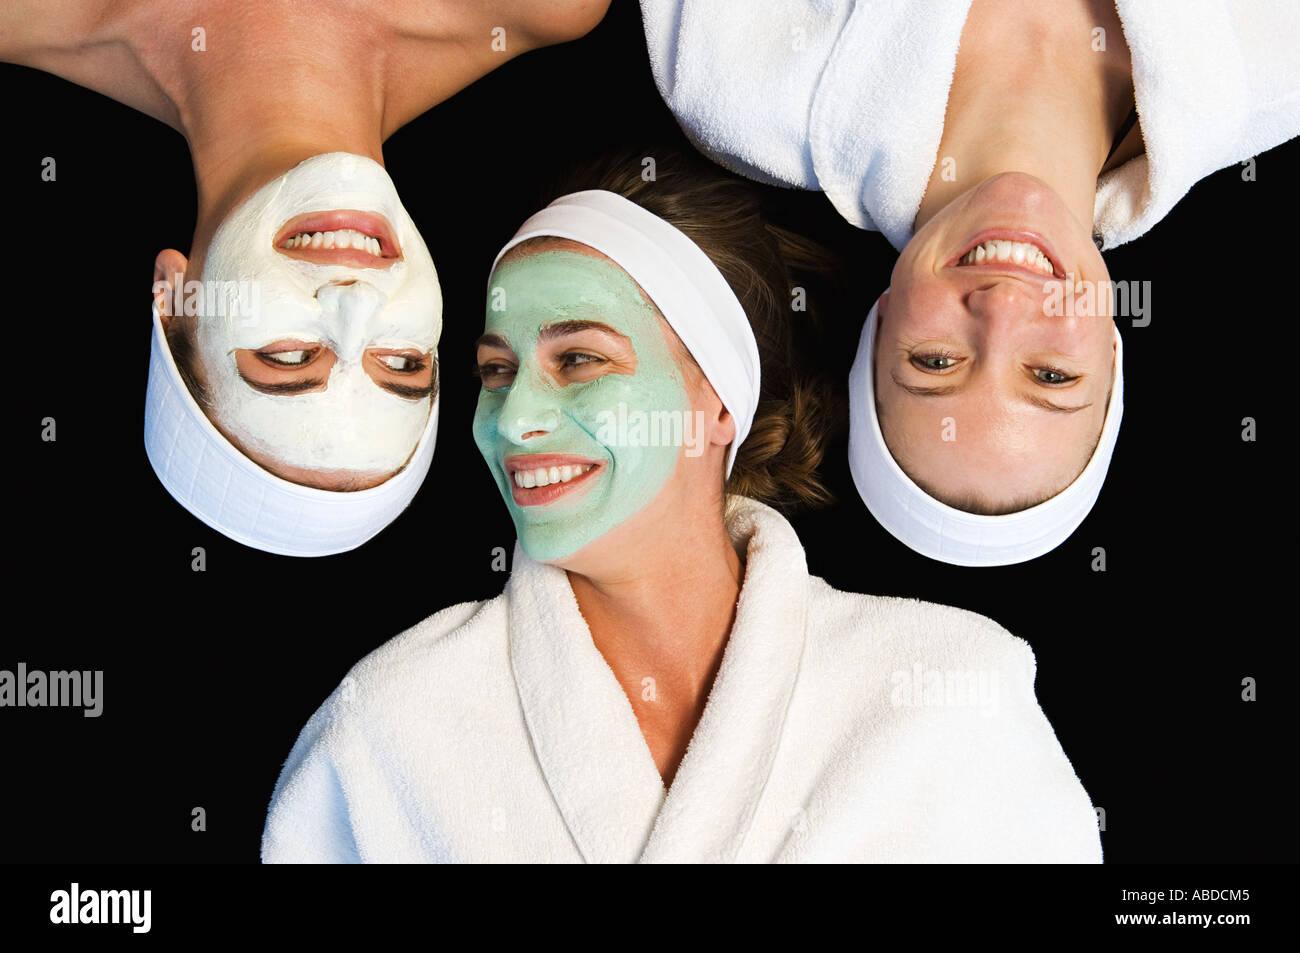 Amici indossando maschere per il viso Immagini Stock